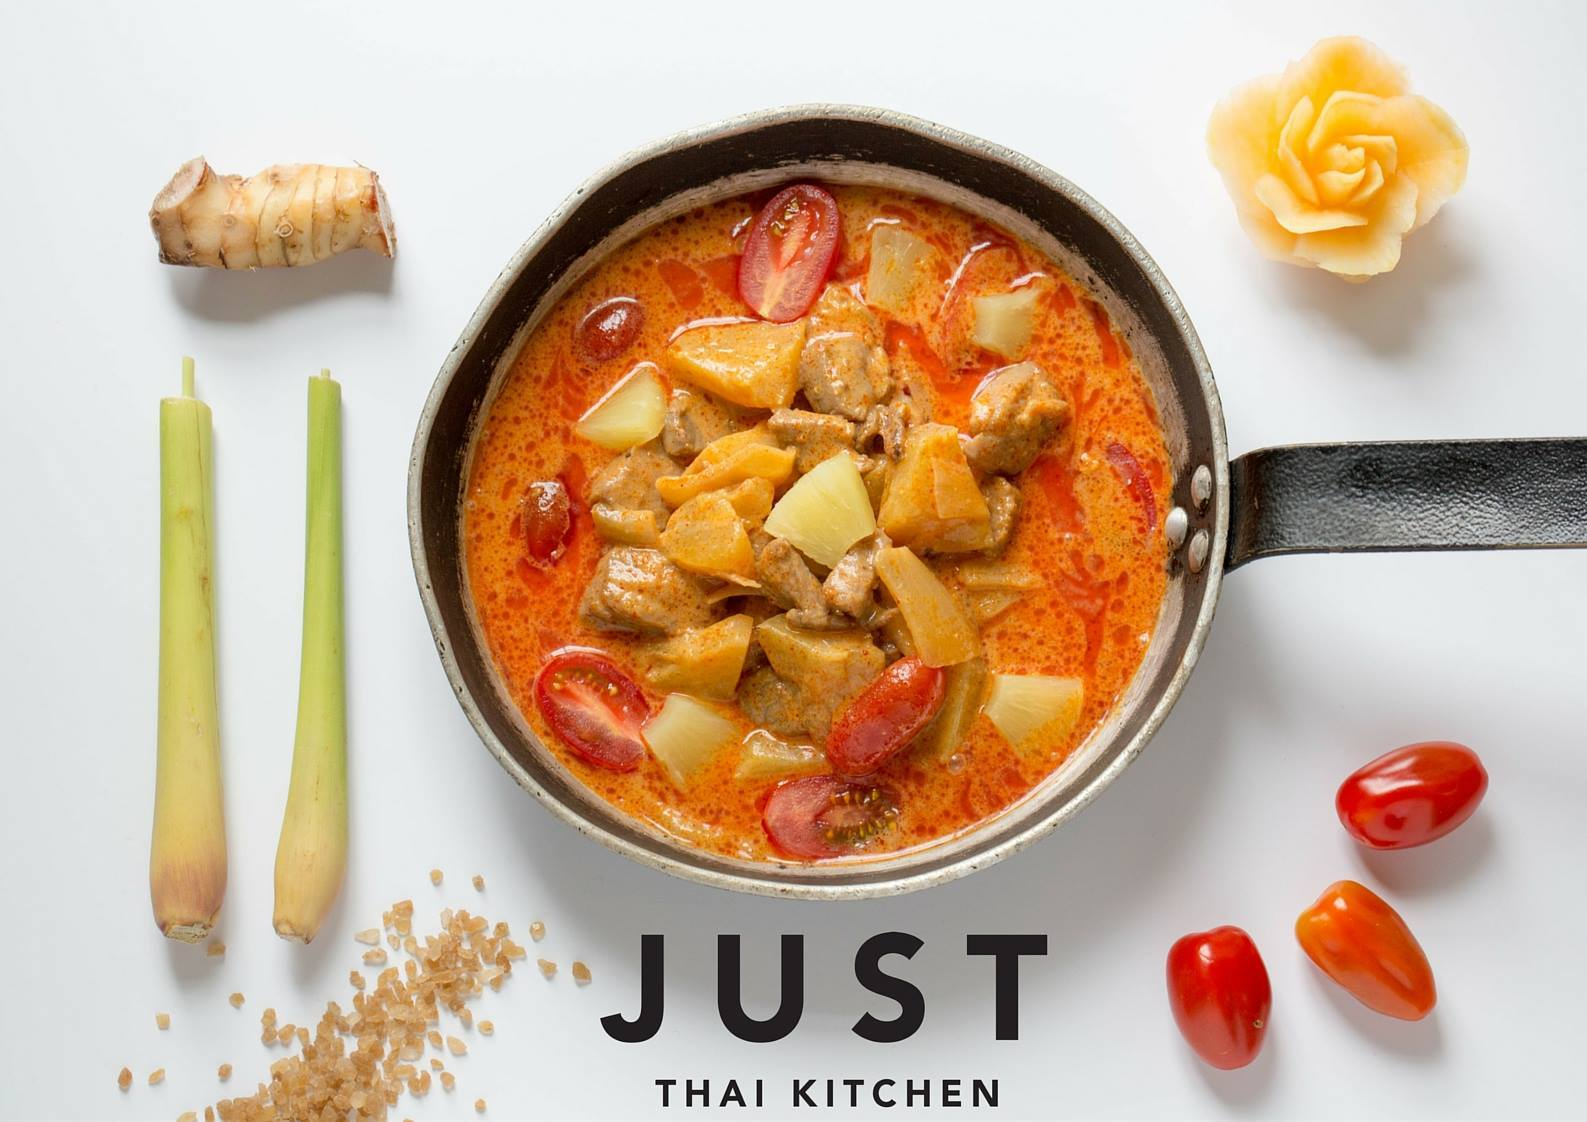 Stockists Of Just Thai Kitchen Range J S Bailey Ltd